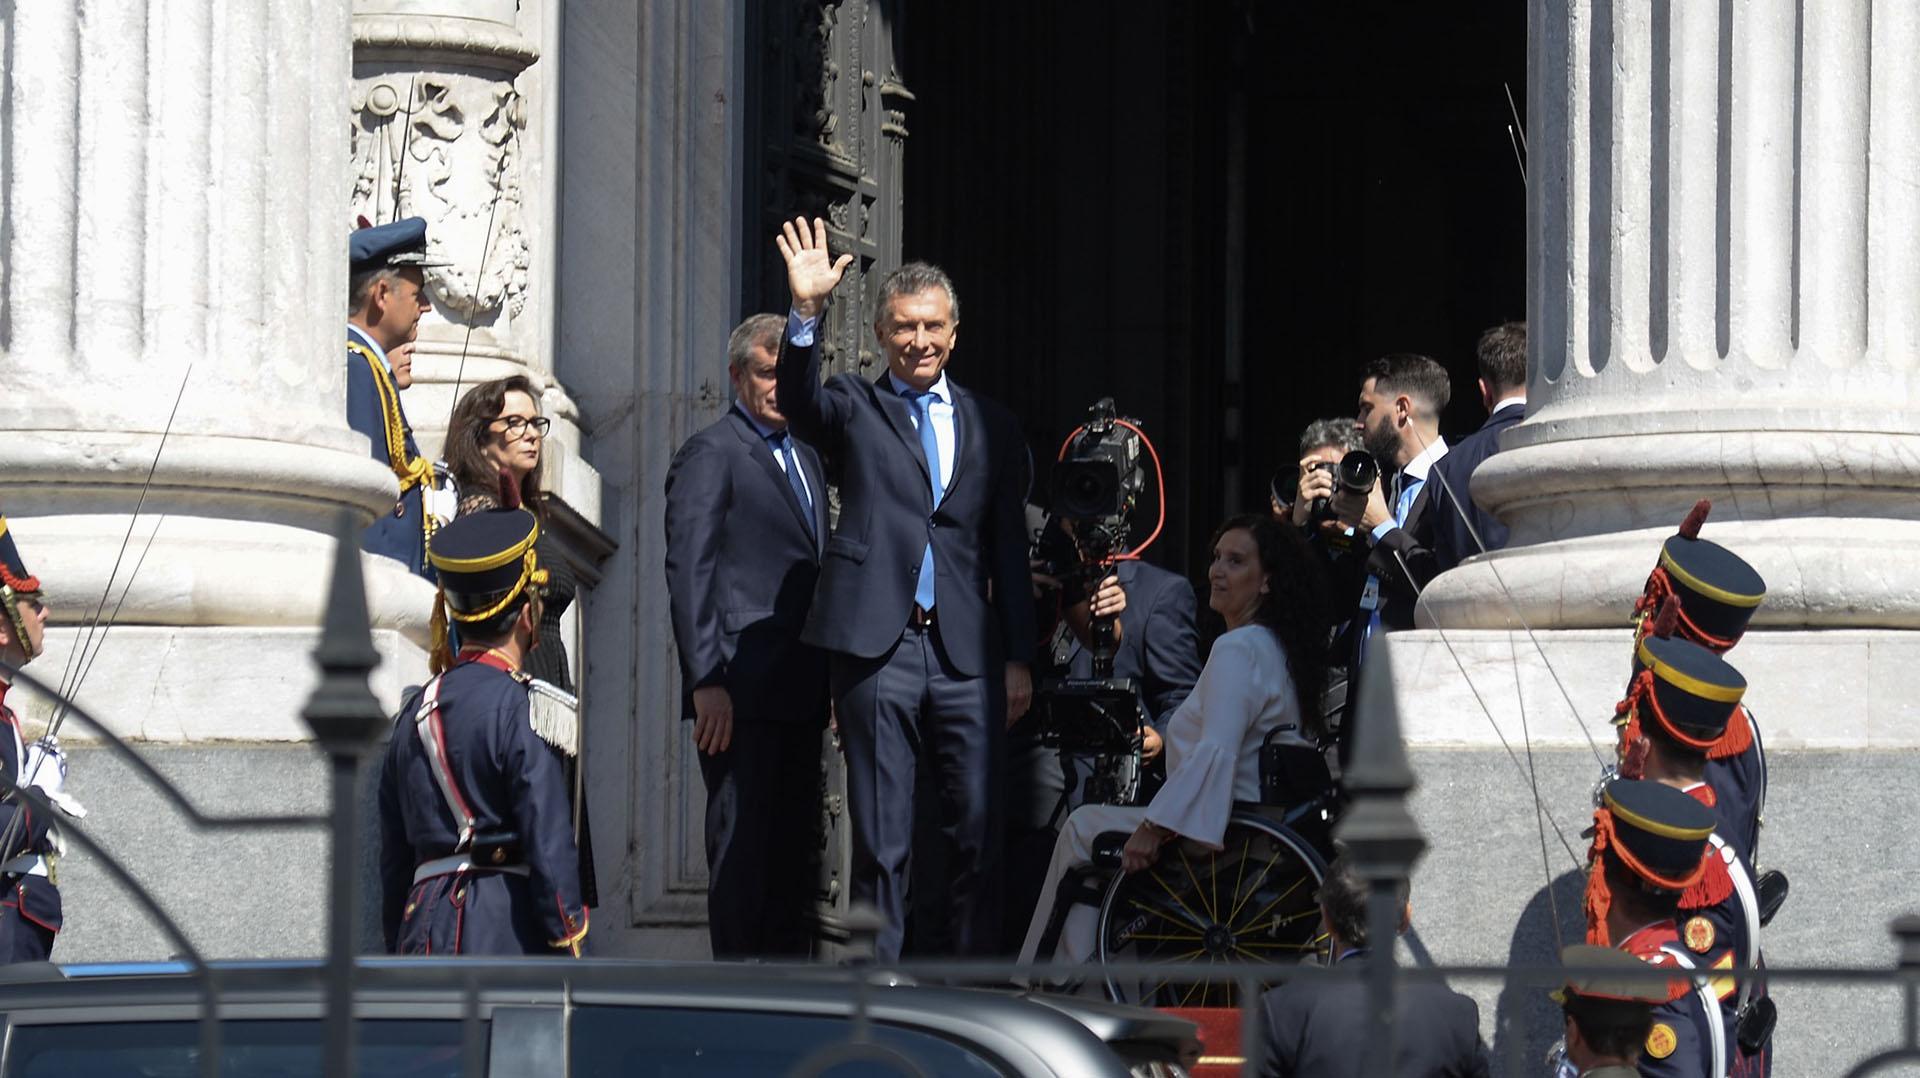 Al salir del Parlamento, Macri volvió a saludar haciala Plaza